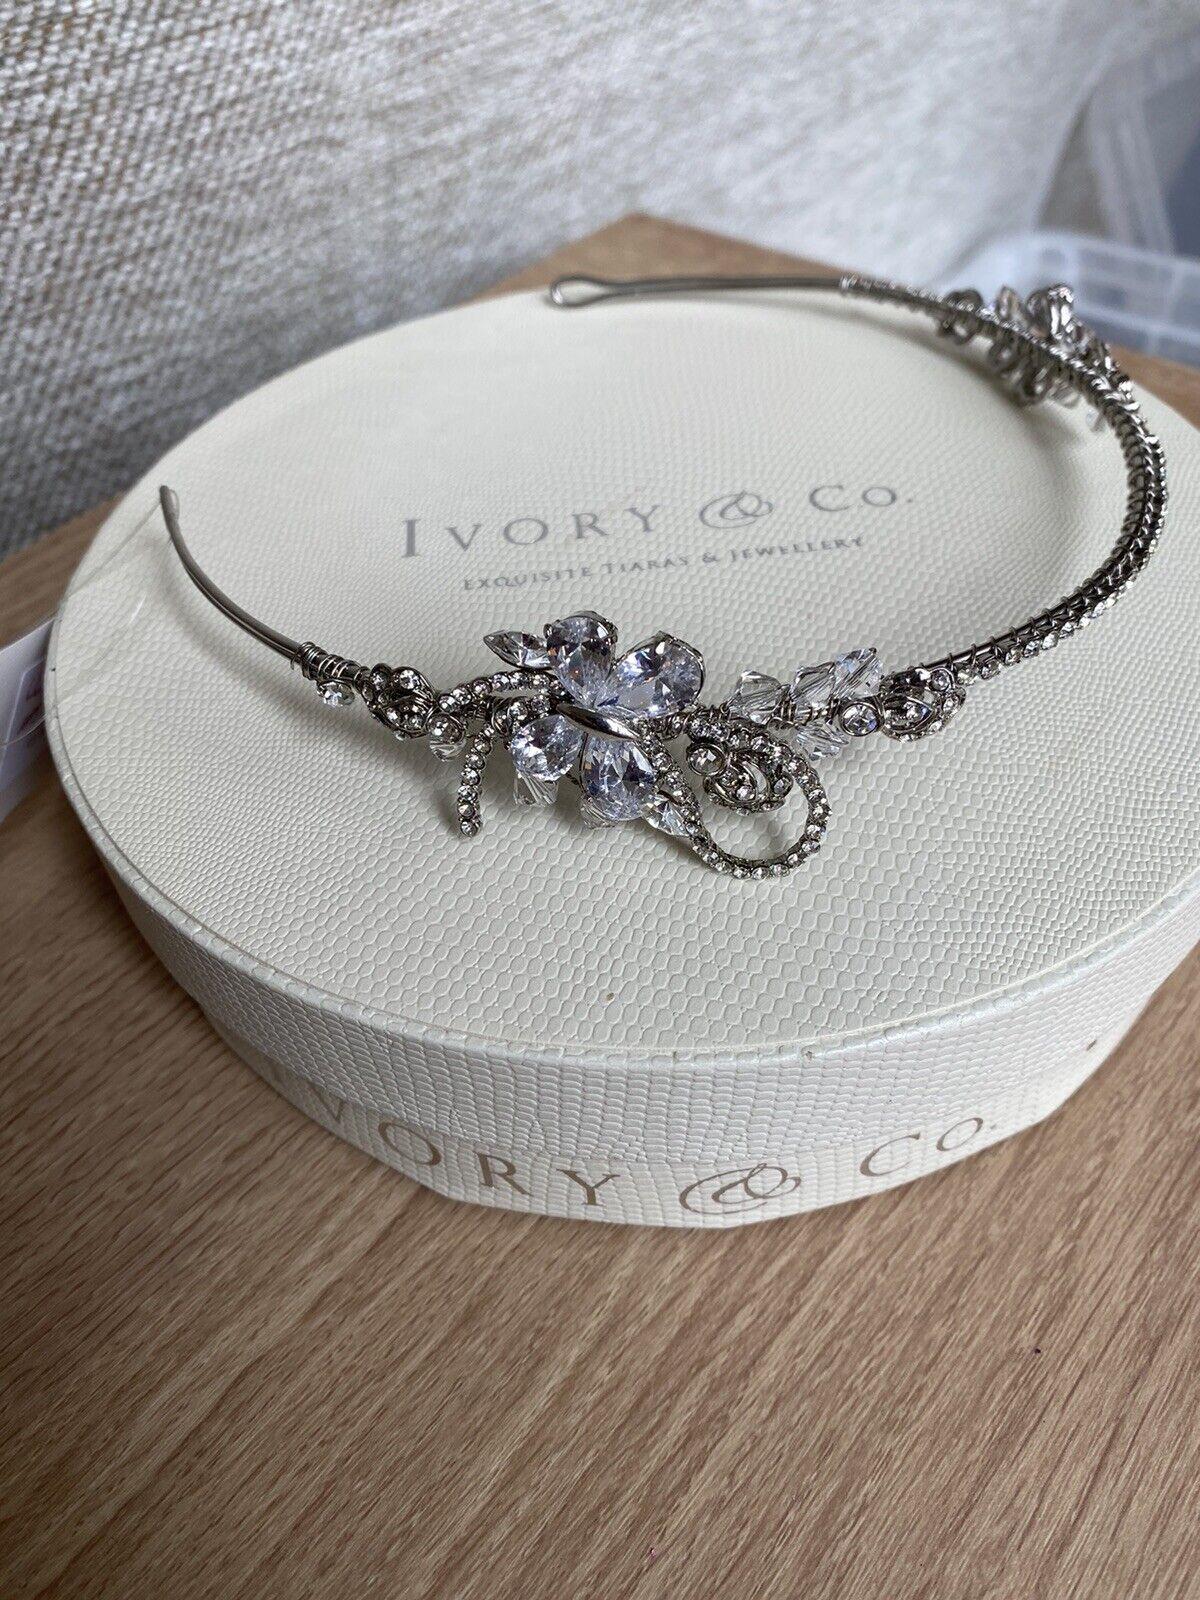 Ivory & Co Headband Tiara